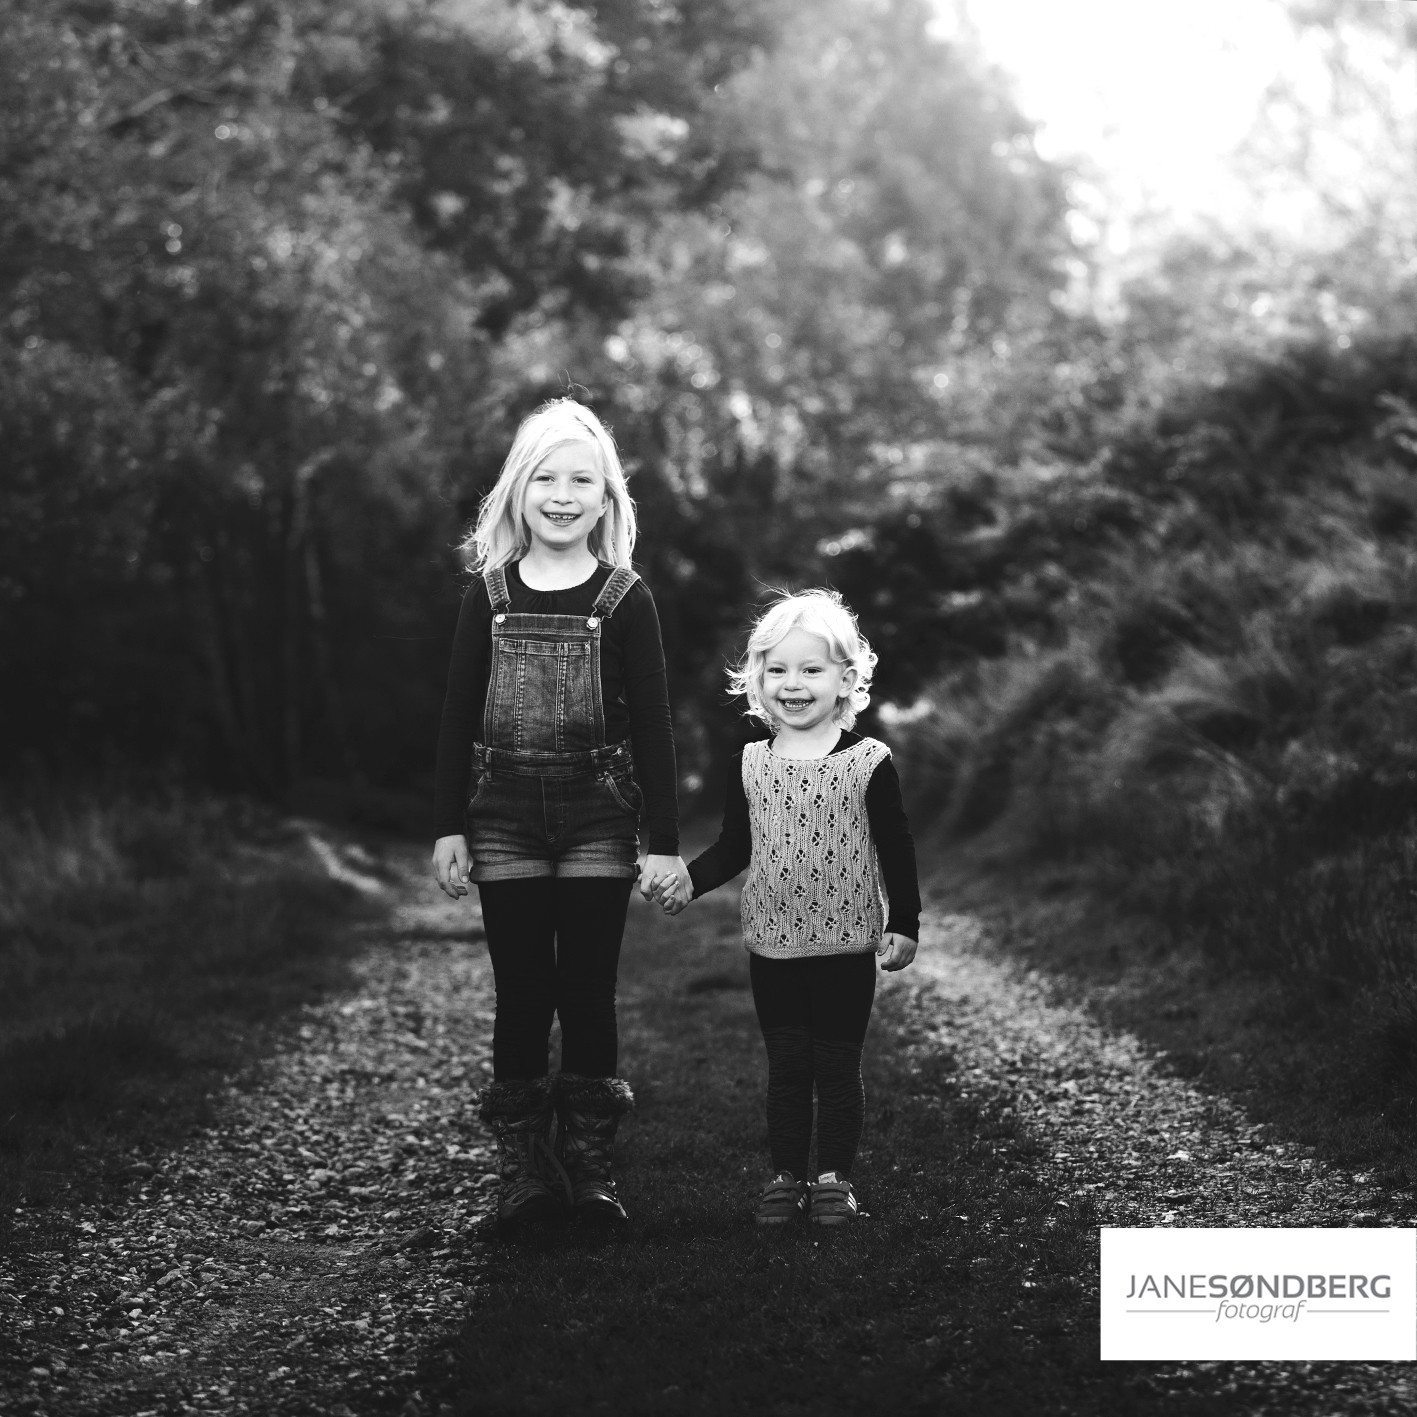 Søskende fotografering i det fri - Århus